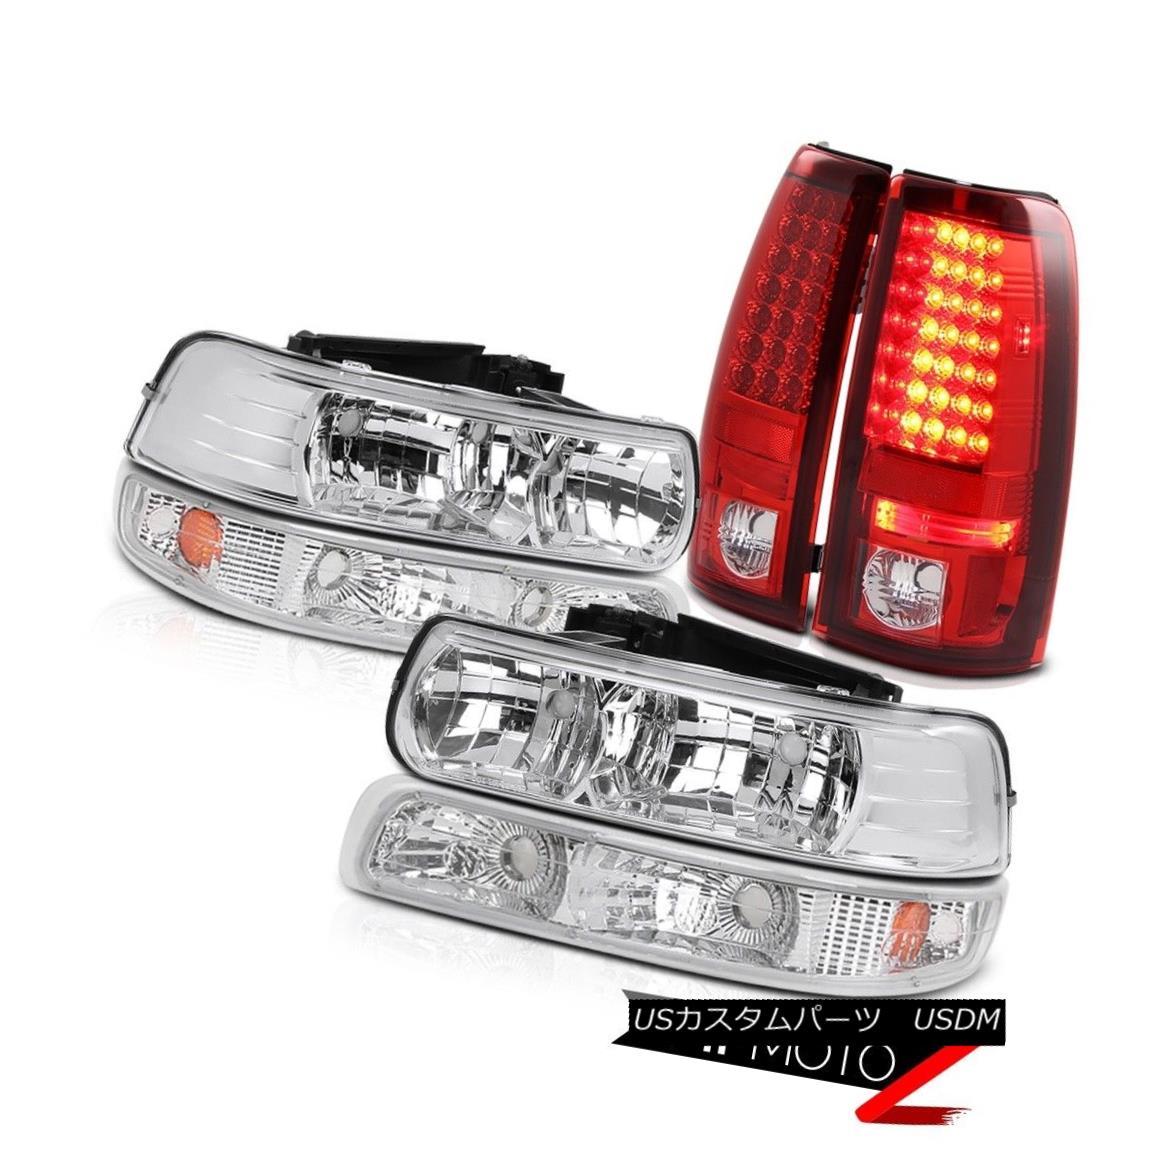 テールライト 99-02 Silverado Truck L+R Crystal Headlight+AMBER Bumper+RED/CLEAR LED Tail Lamp 99-02 SilveradoトラックL + Rクリスタルヘッドライト+ AMBE Rバンパー+ RED / CLE AR LEDテールランプ